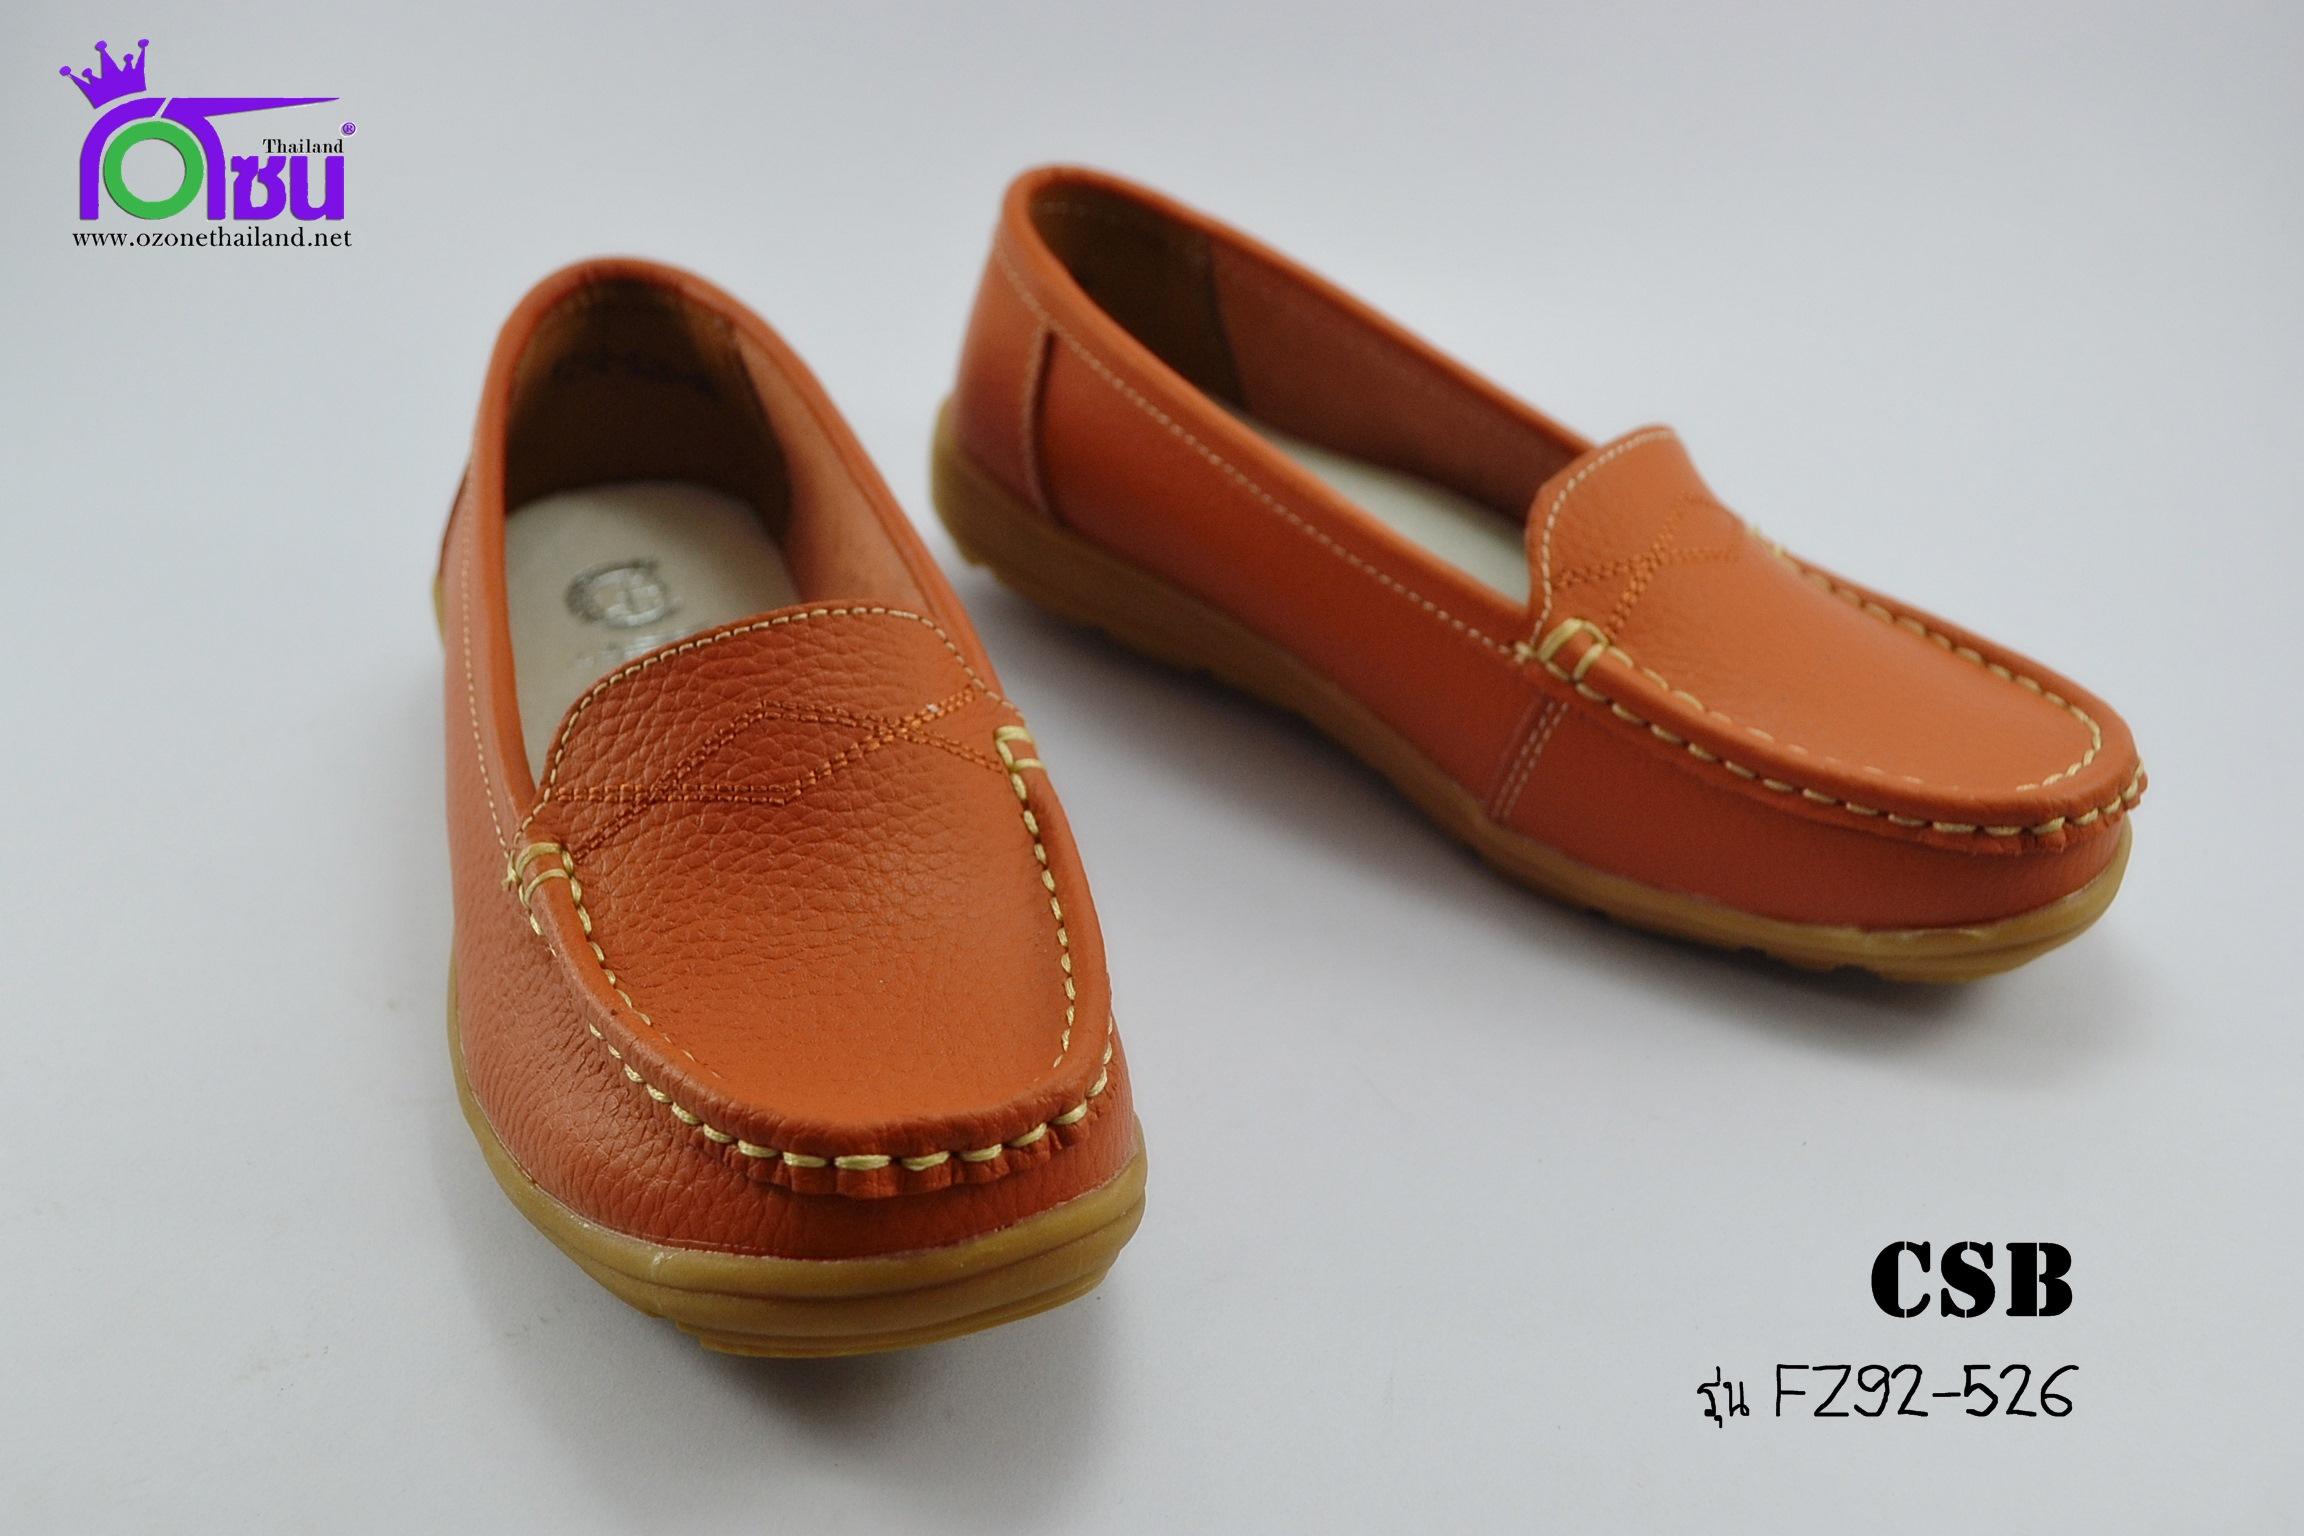 รองเท้าแฟชั่นหุ้มส้น CSB ซีเอสบี รุ่น FZ92-526 สีส้ม เบอร์ 36-40